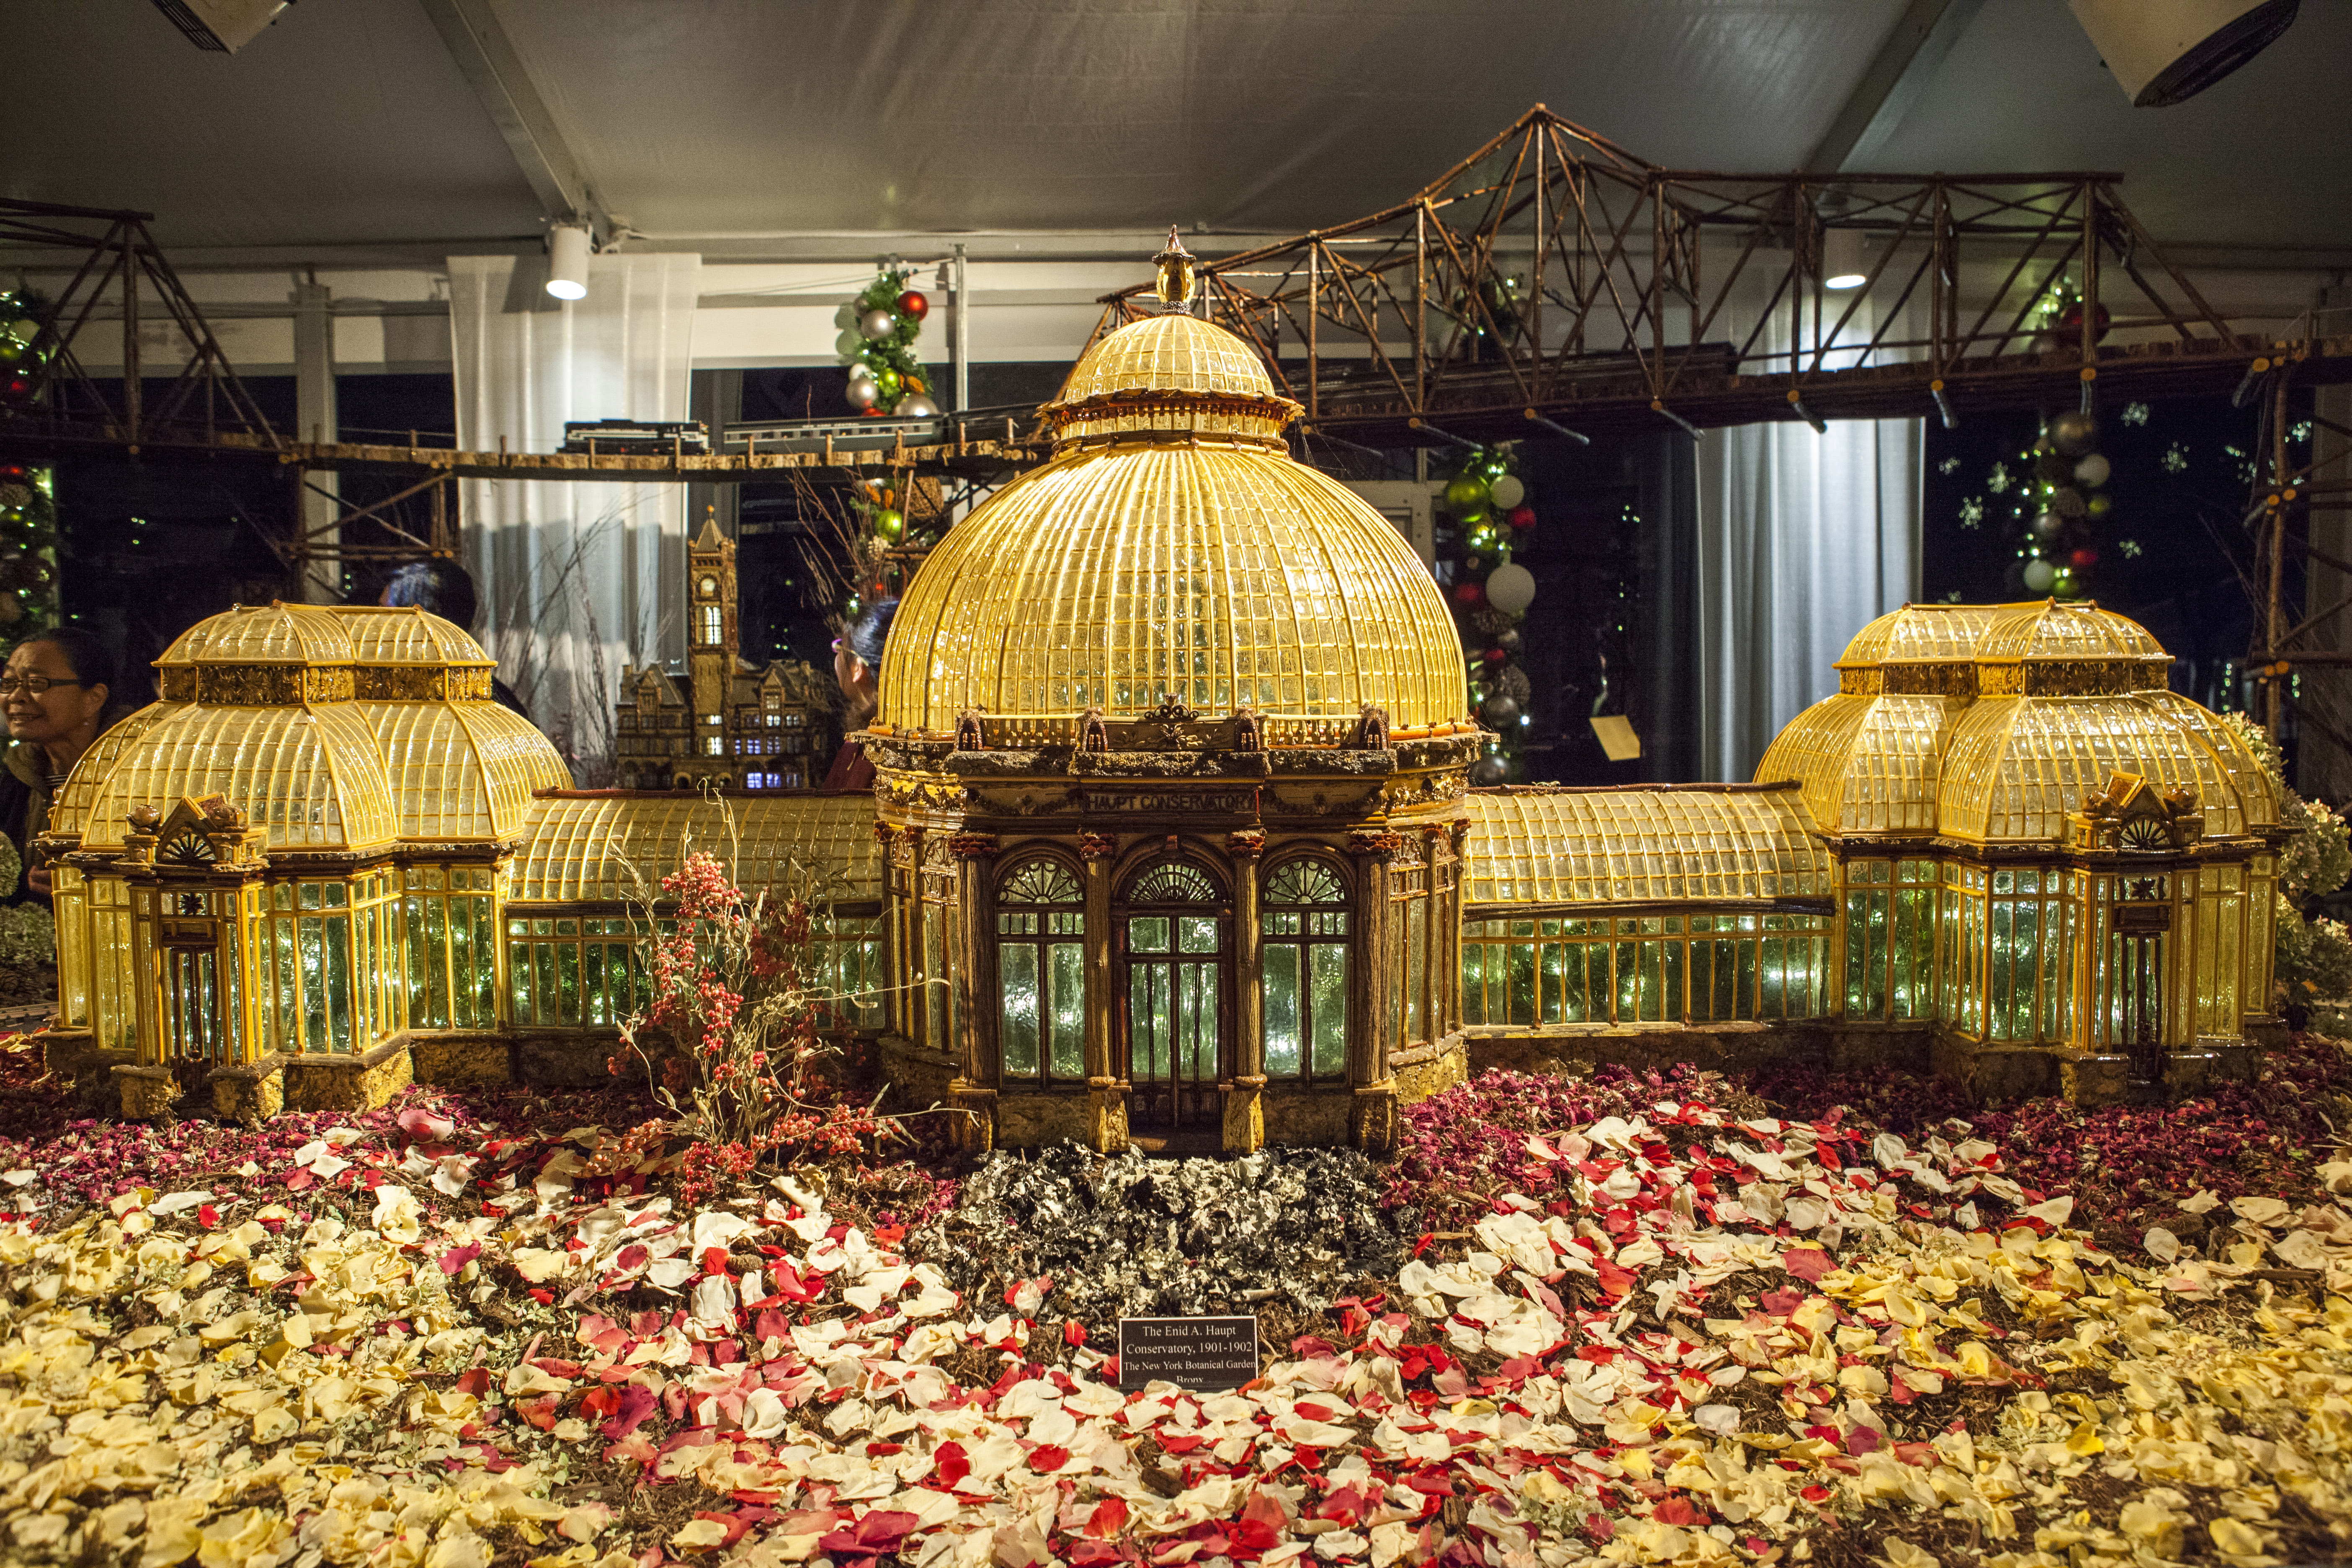 Le train de Noël du jardin botanique de New York